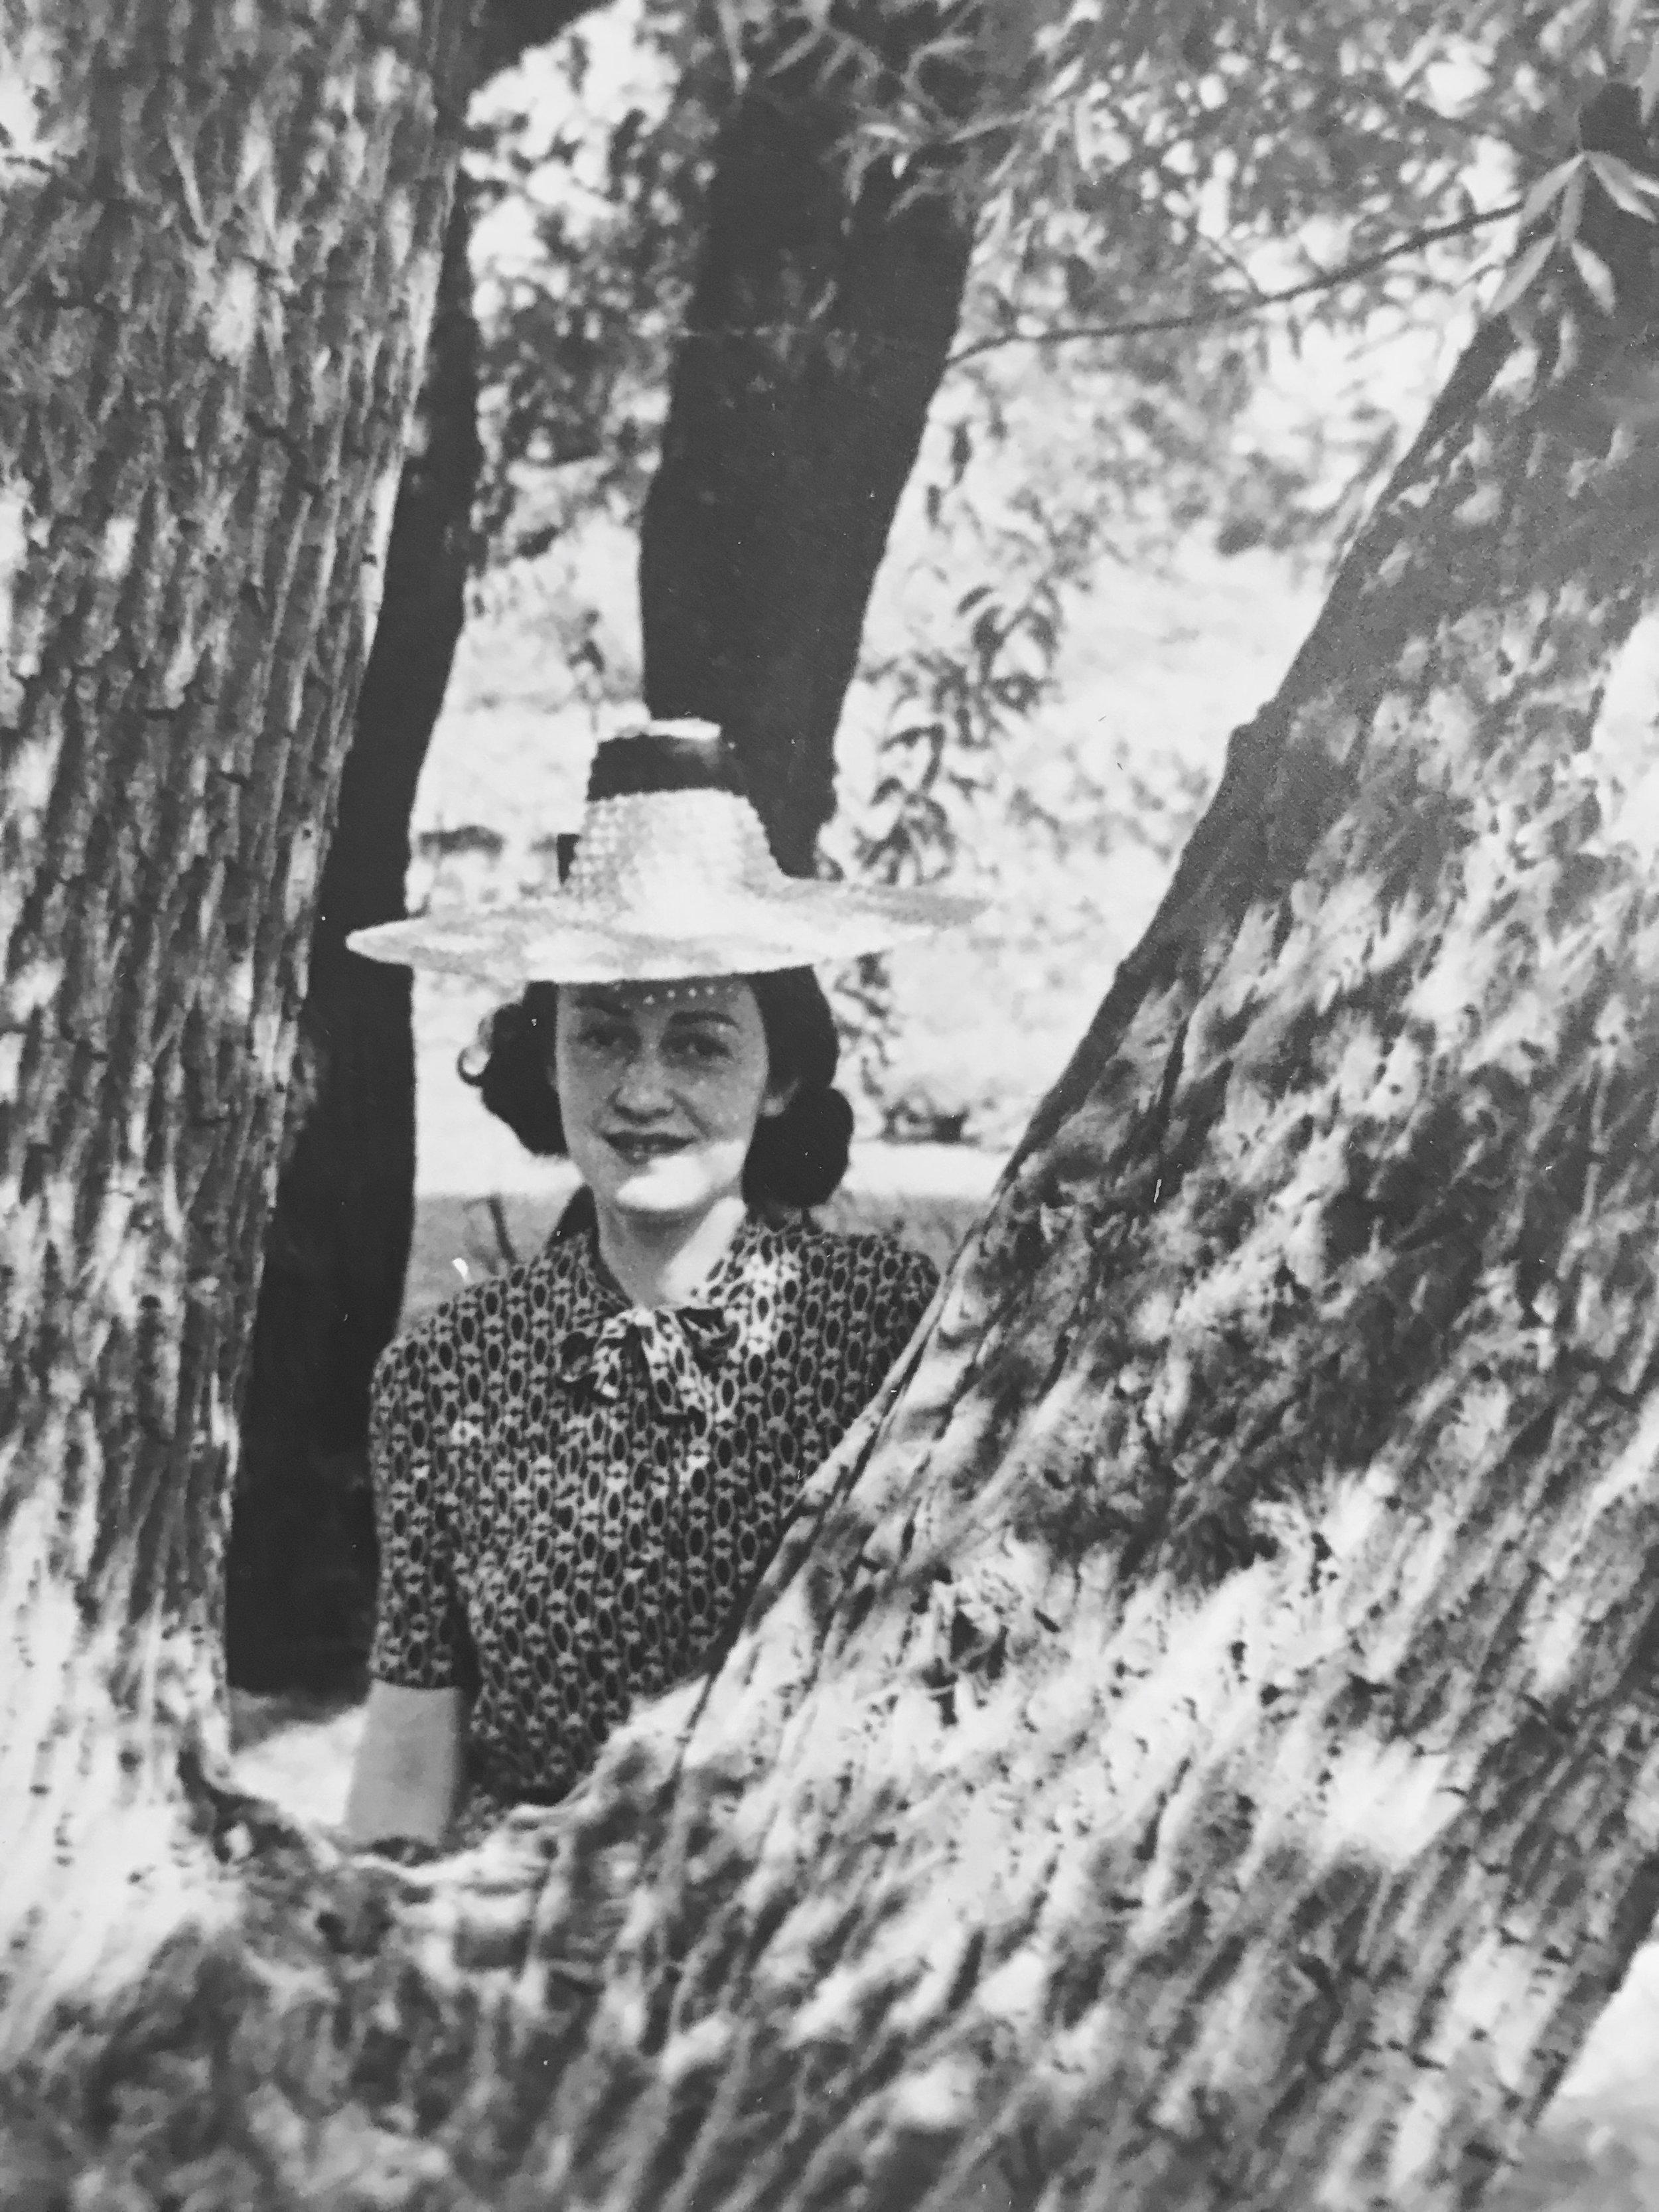 Bertie in Prospect Park, 1939.